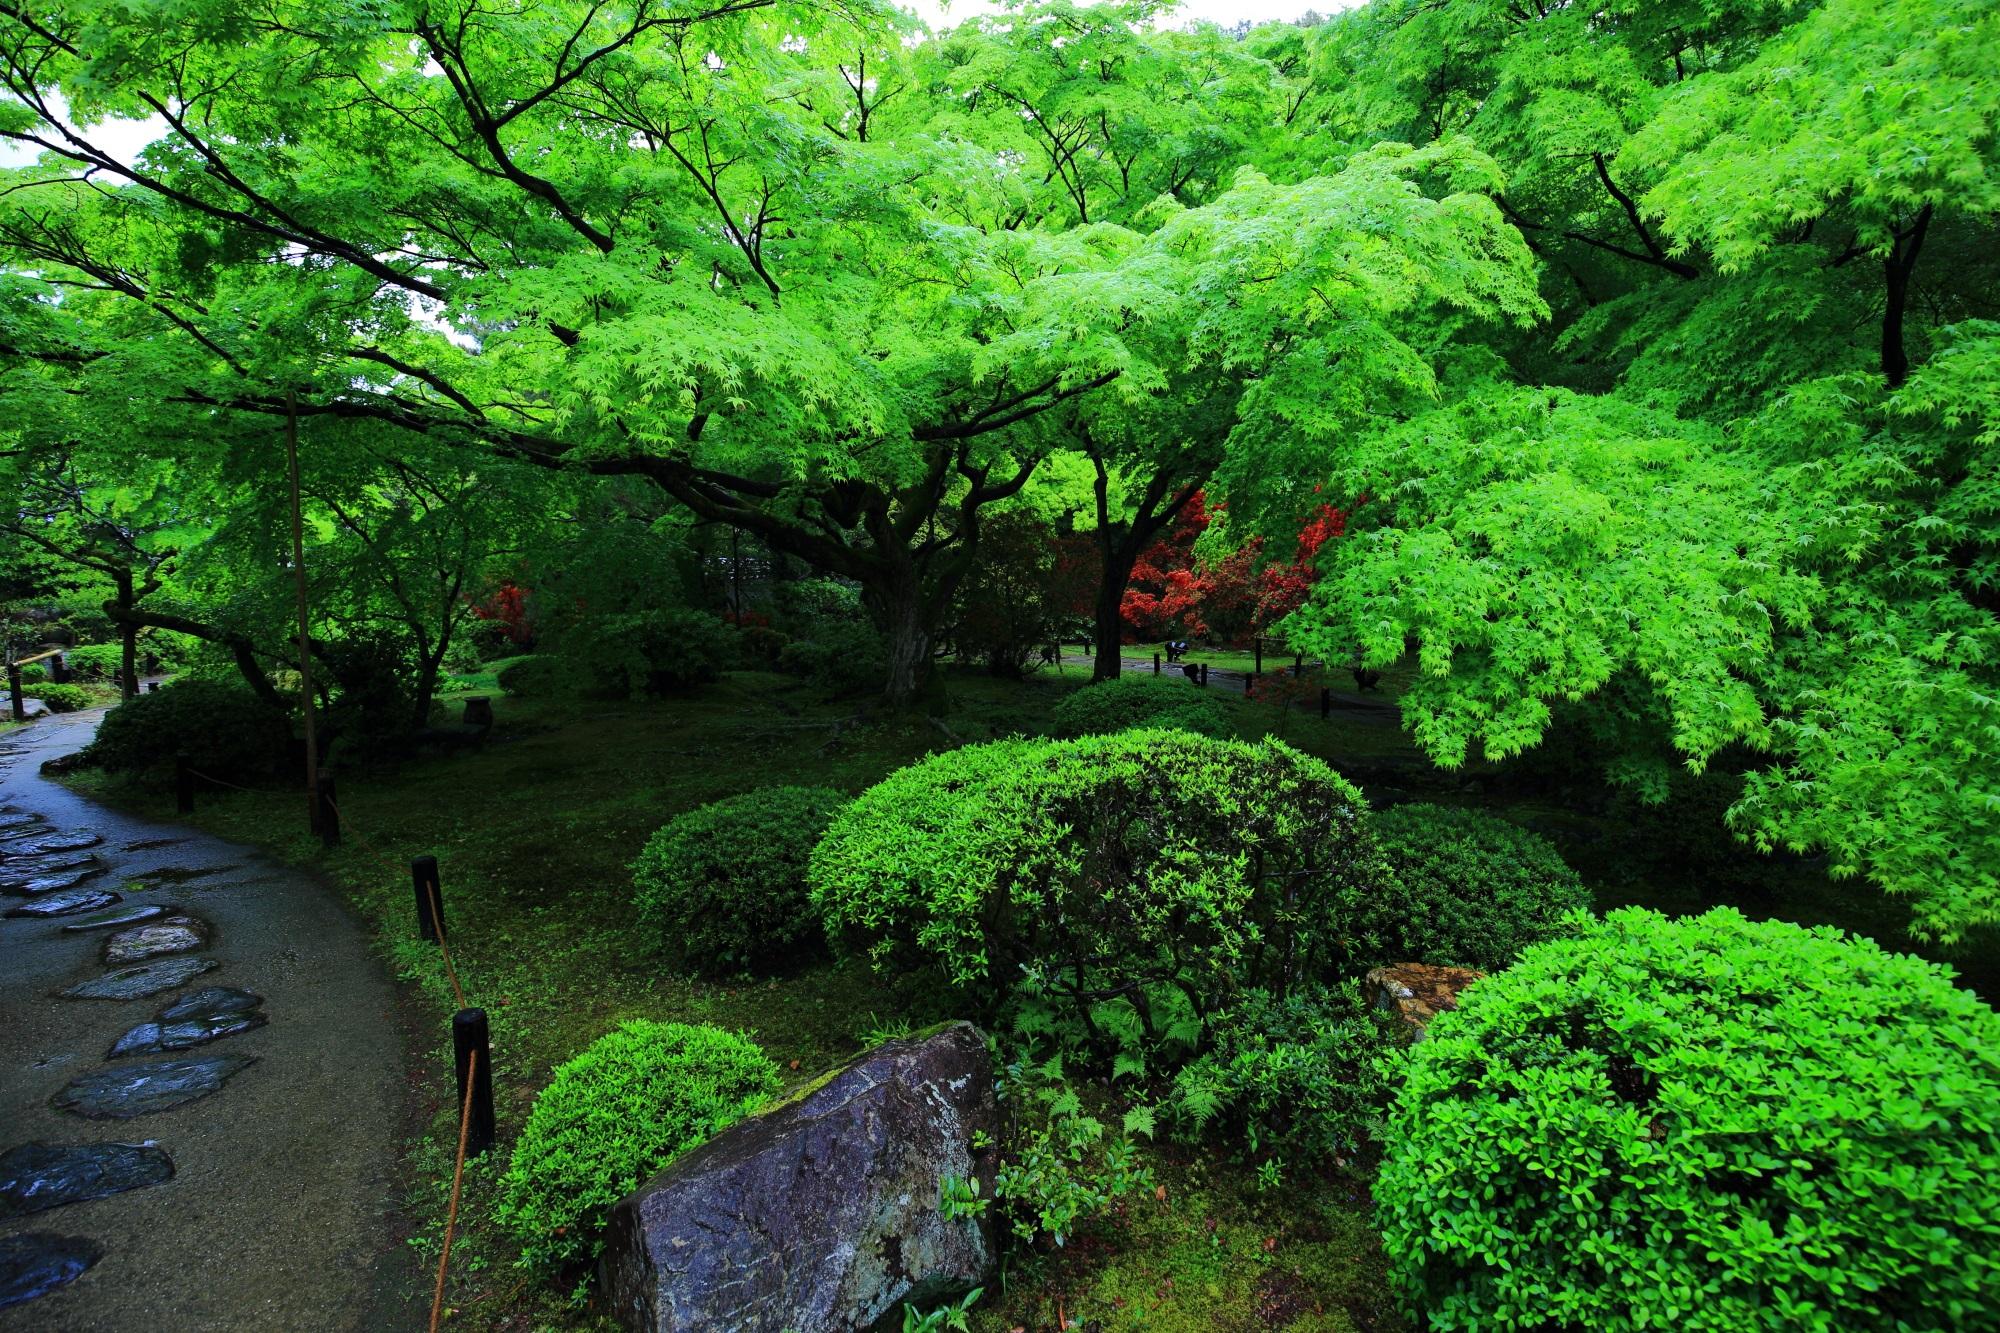 鮮やかな緑がお出迎えの青蓮院の「霧島の庭」